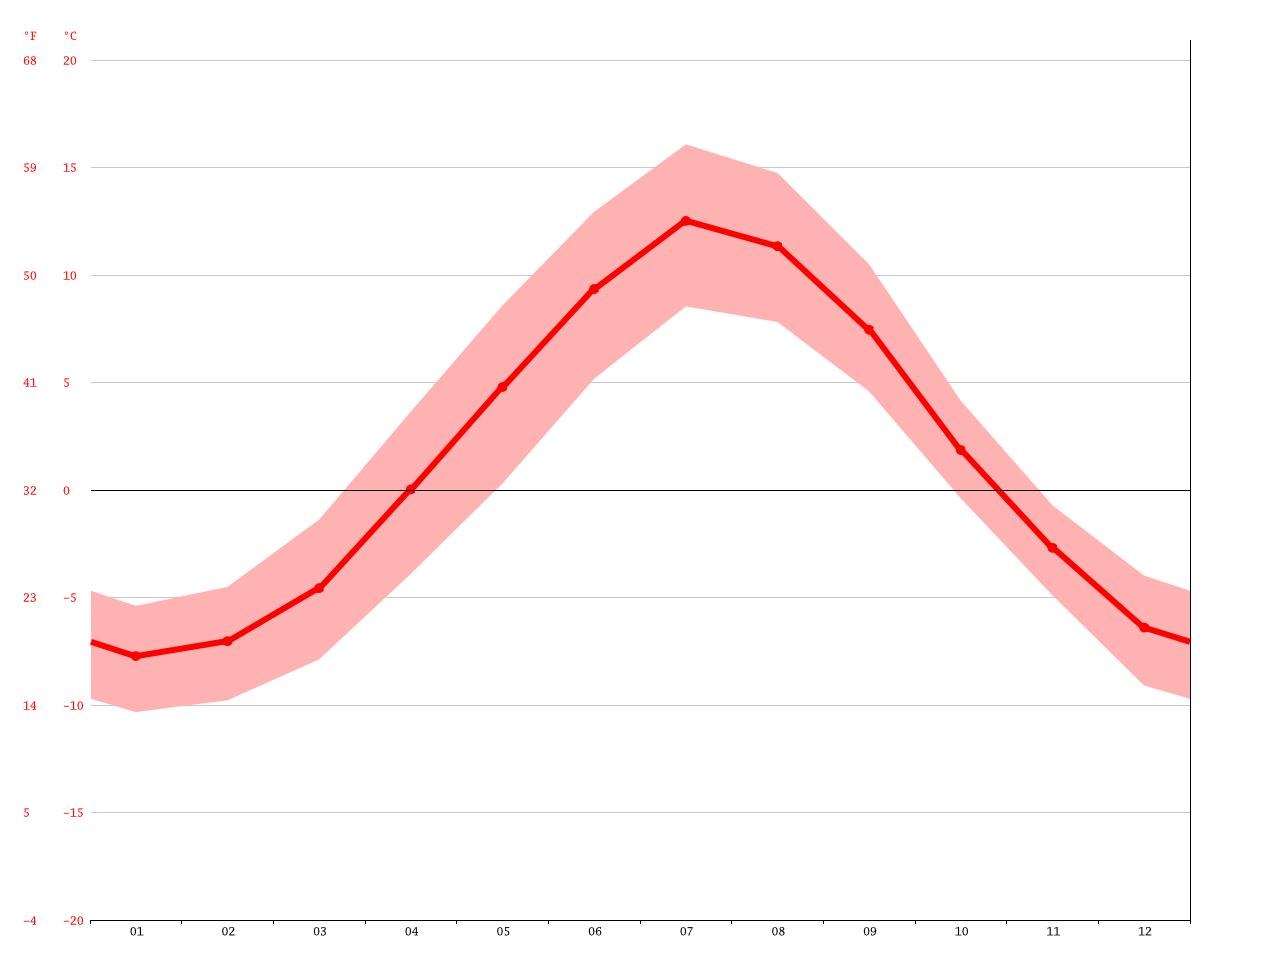 temperatur i åre